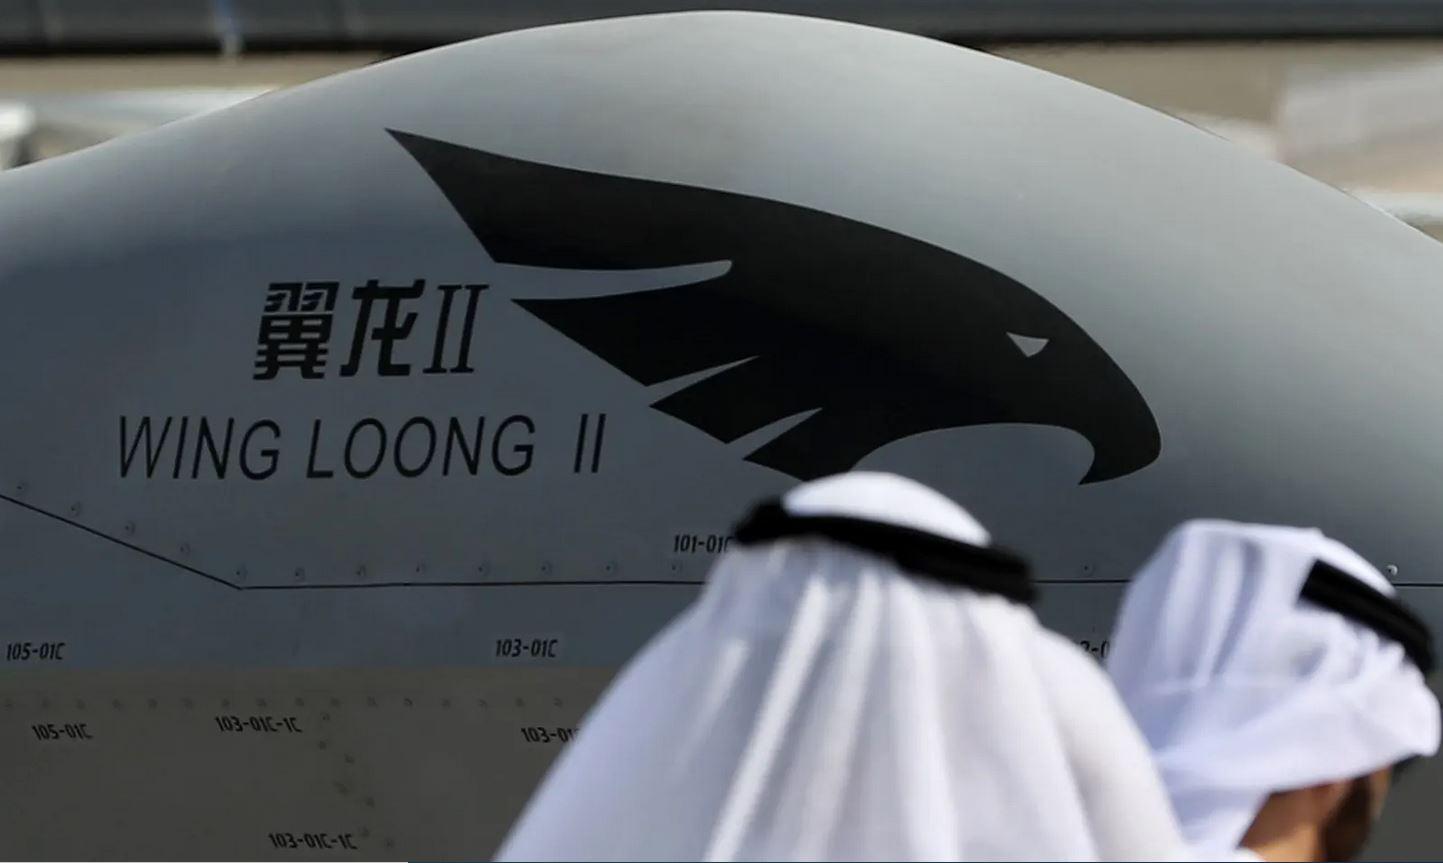 Wing Long II